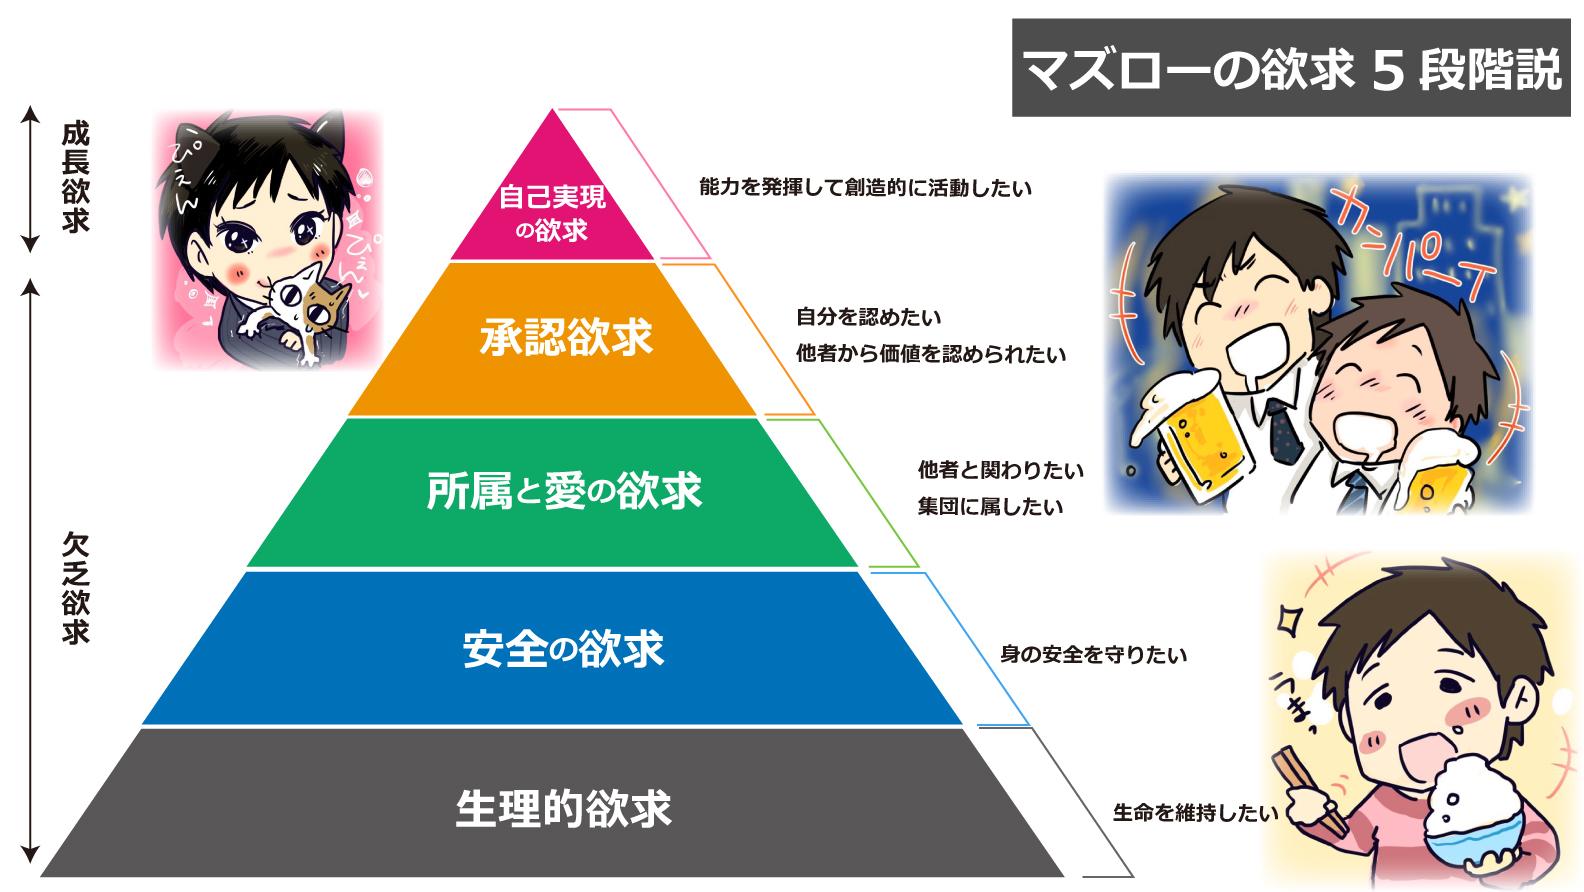 5 欲求 マズロー 段階 の